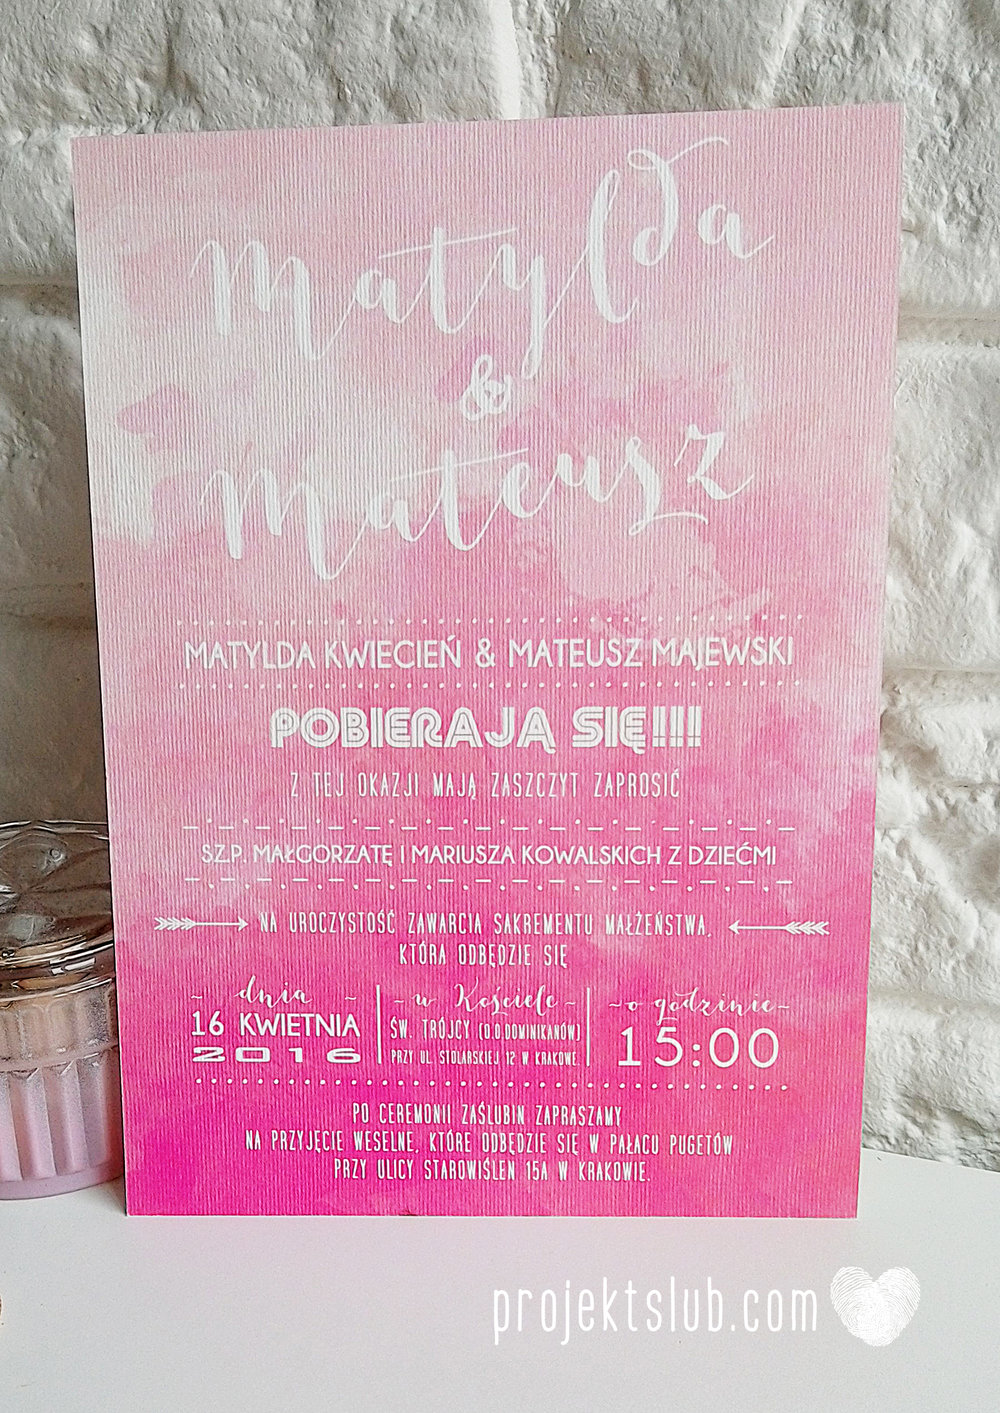 Zaproszenia Ślubne Boho Rustic Eko Oryginalne Wyjątkowe Rustykalne Sznurek Akwarelowe Róż Ombre Projekt Ślub (9).jpg